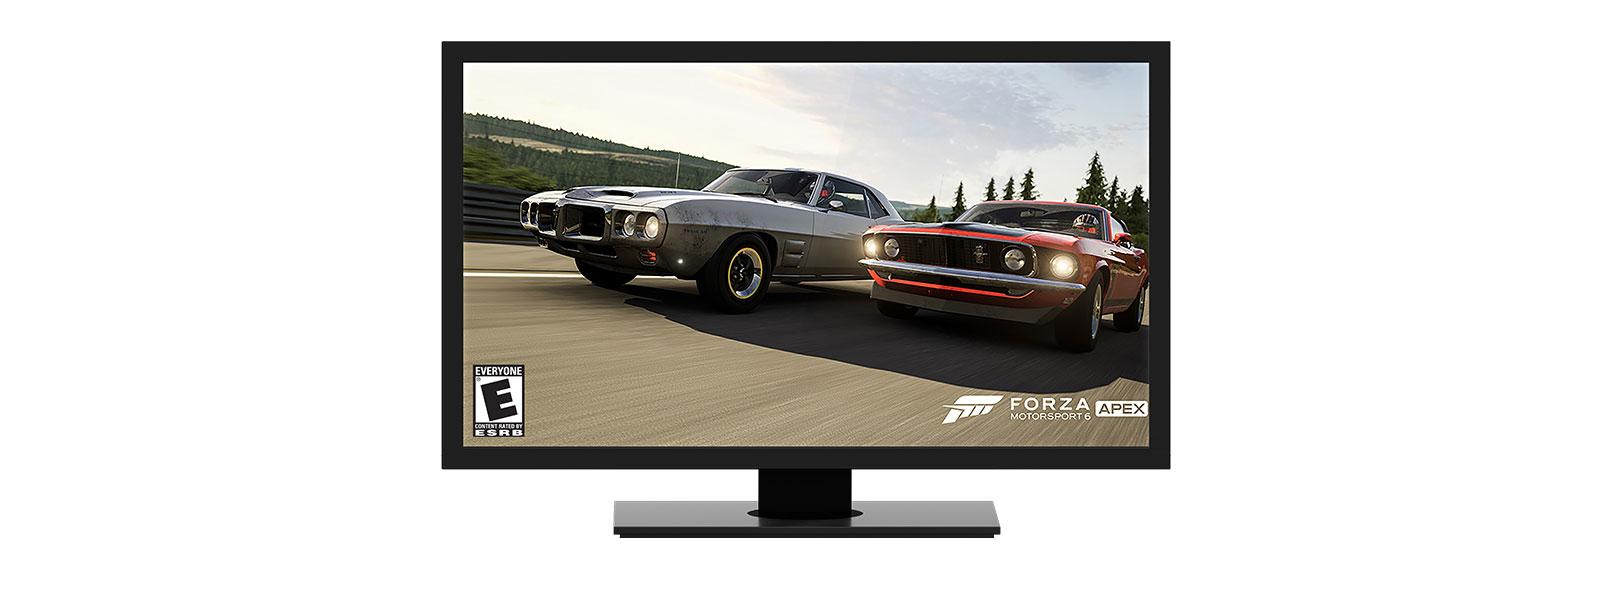 A Forza képernyője windowsos asztali gépen